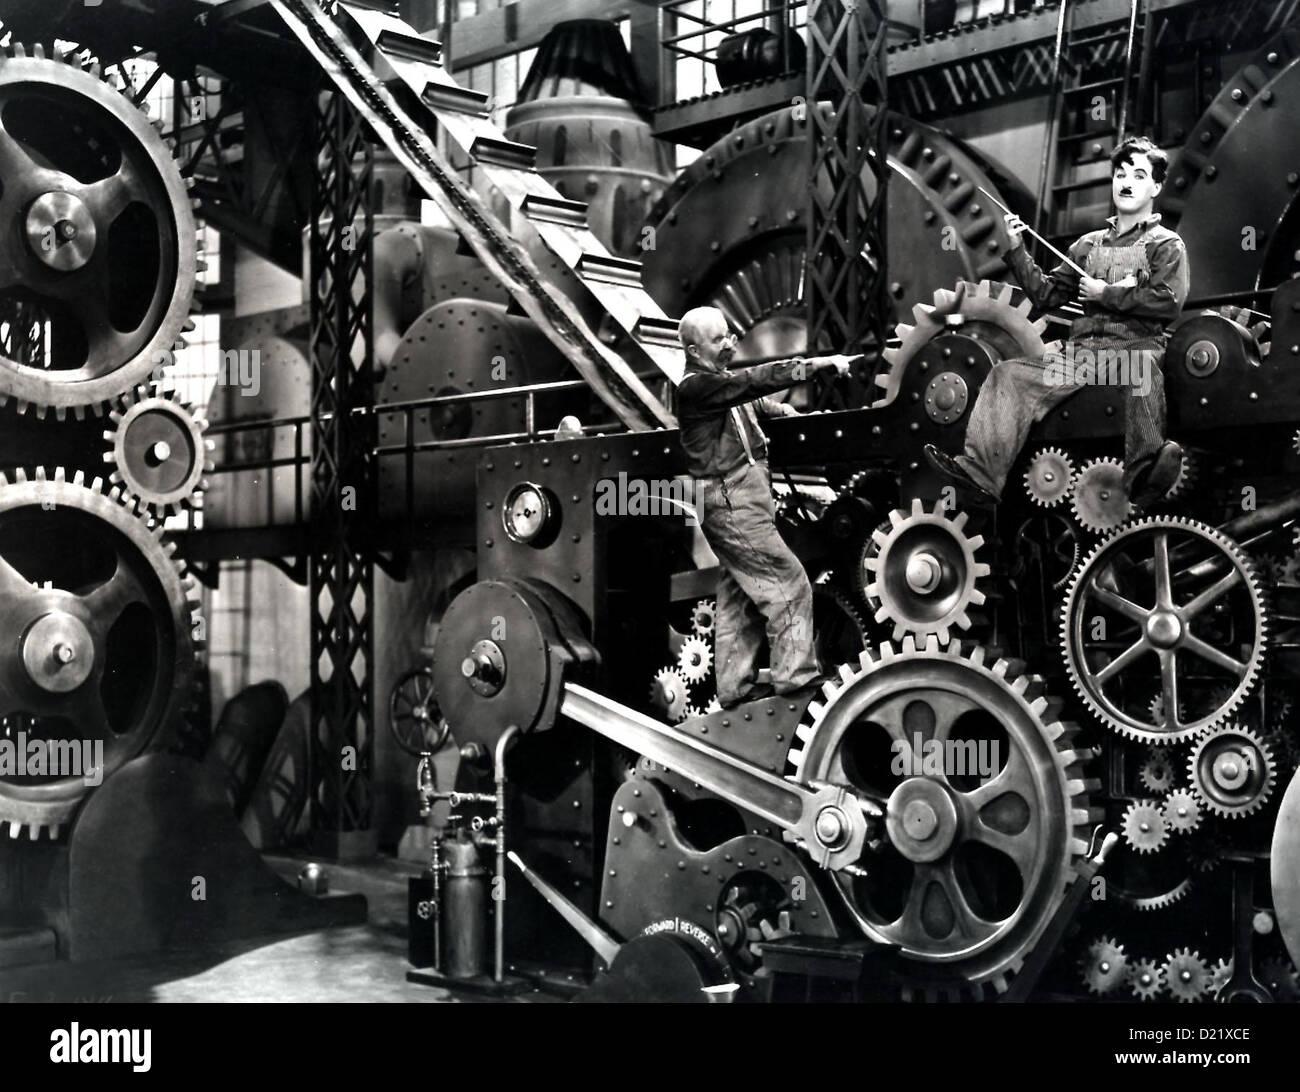 Moderne Zeiten Serve Pequenos Tempos Modernos Charles Chaplin No Trabalho  Geraet Seinem Charlie Charles Chaplin, (r) Ins Raederwerk Der Modernen